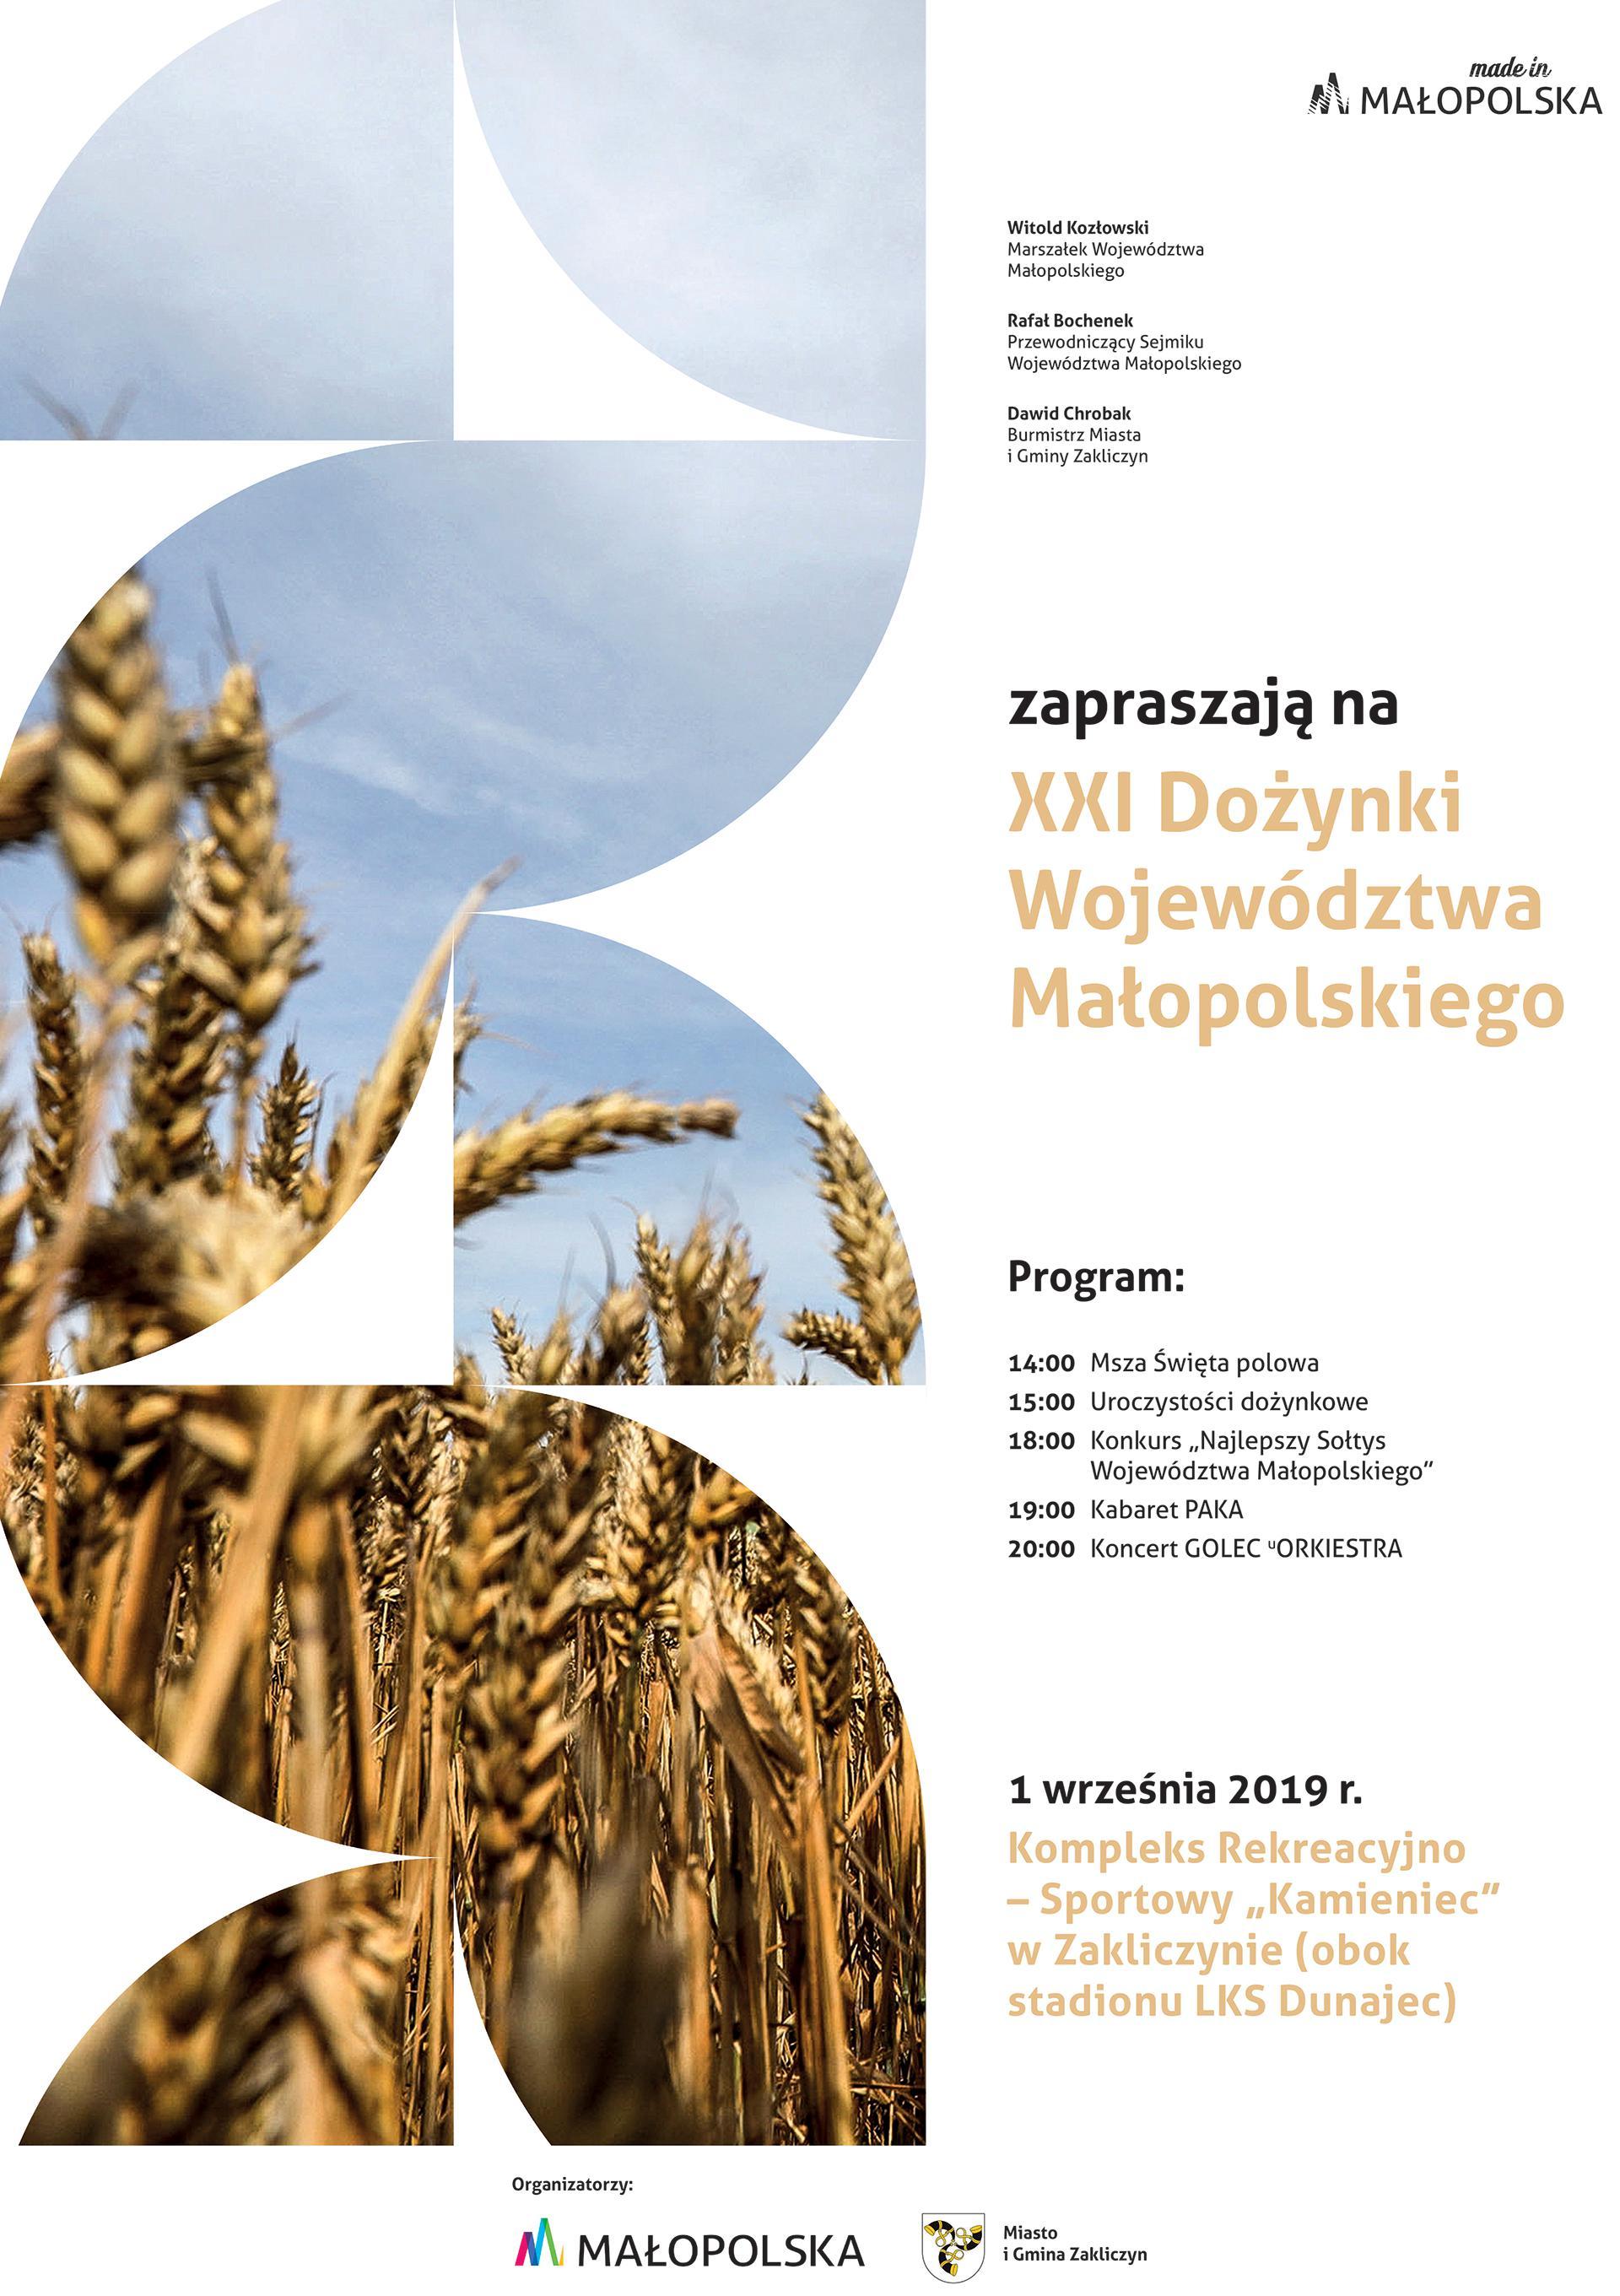 XXI Dożynki Województwa Małopolskiego w Zakliczynie, 1 września 2019 r., plakat imprezy